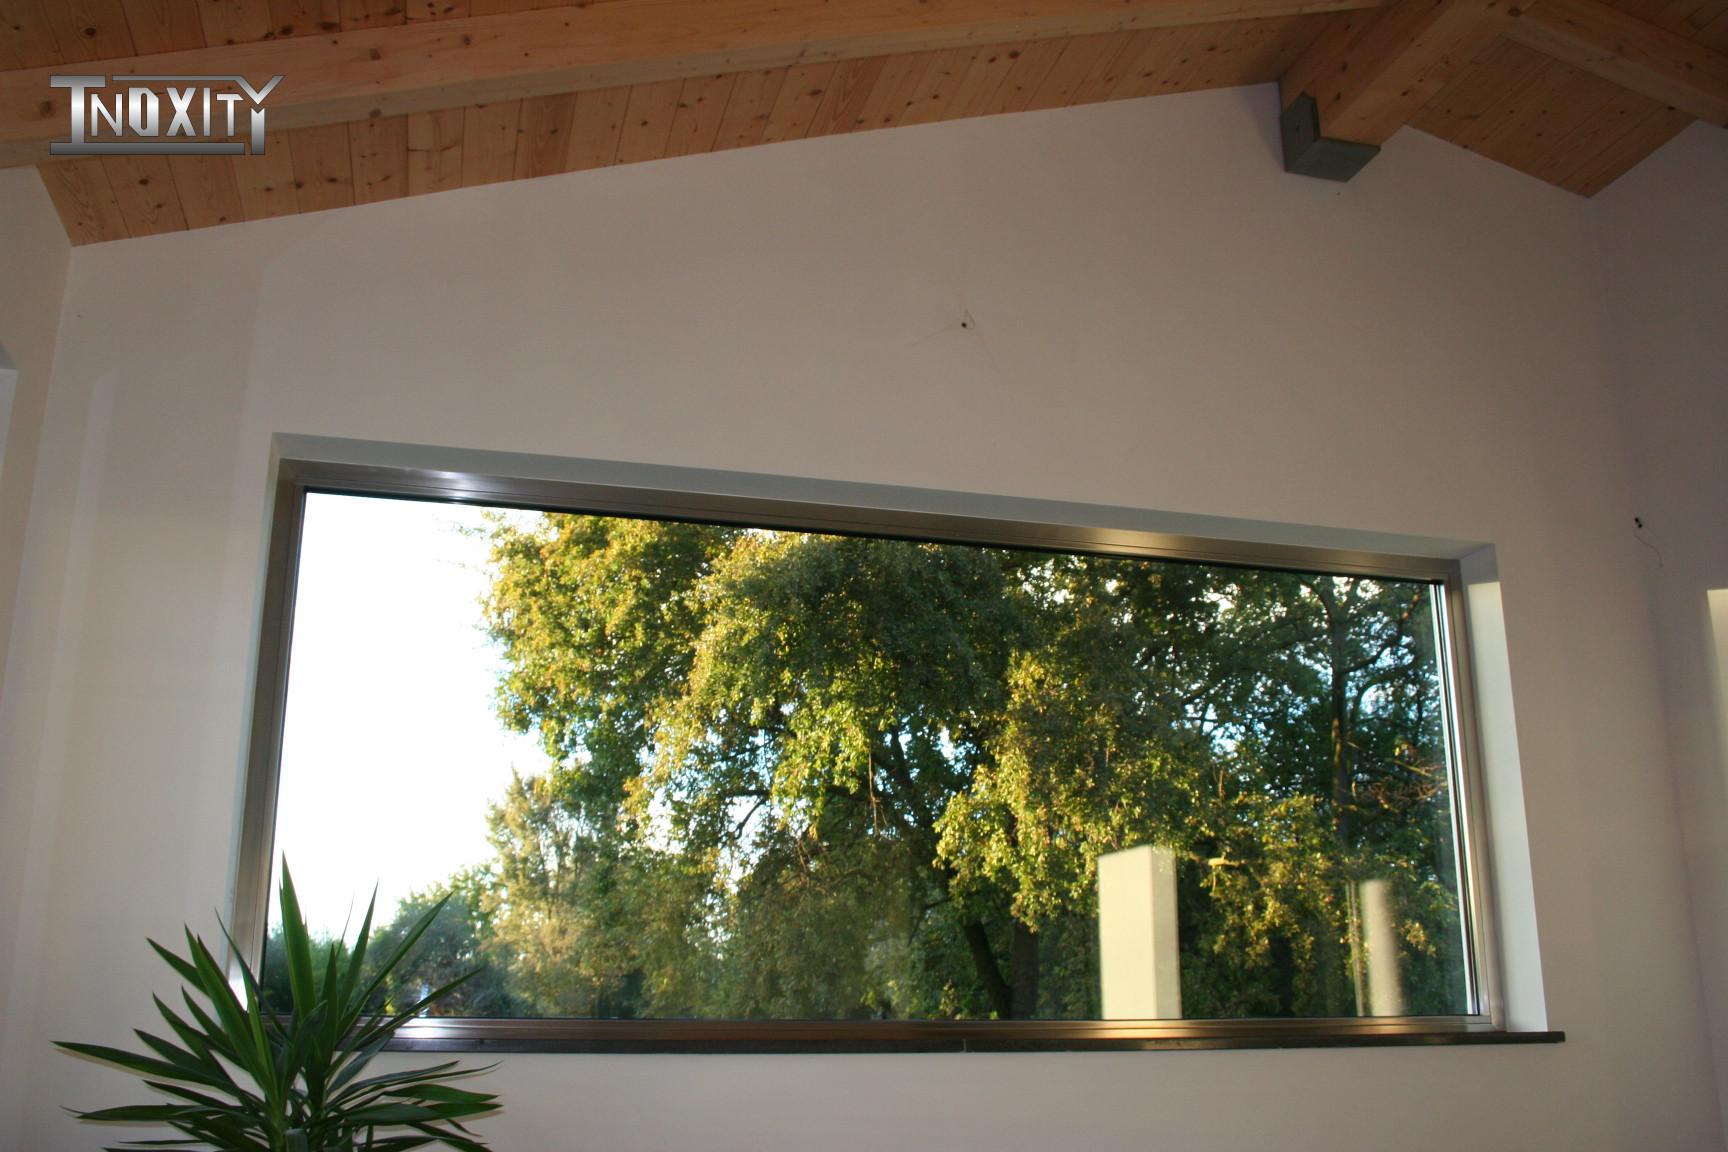 Produzione di serramenti e finestre in acciaio inox inoxity - Serramenti e finestre ...